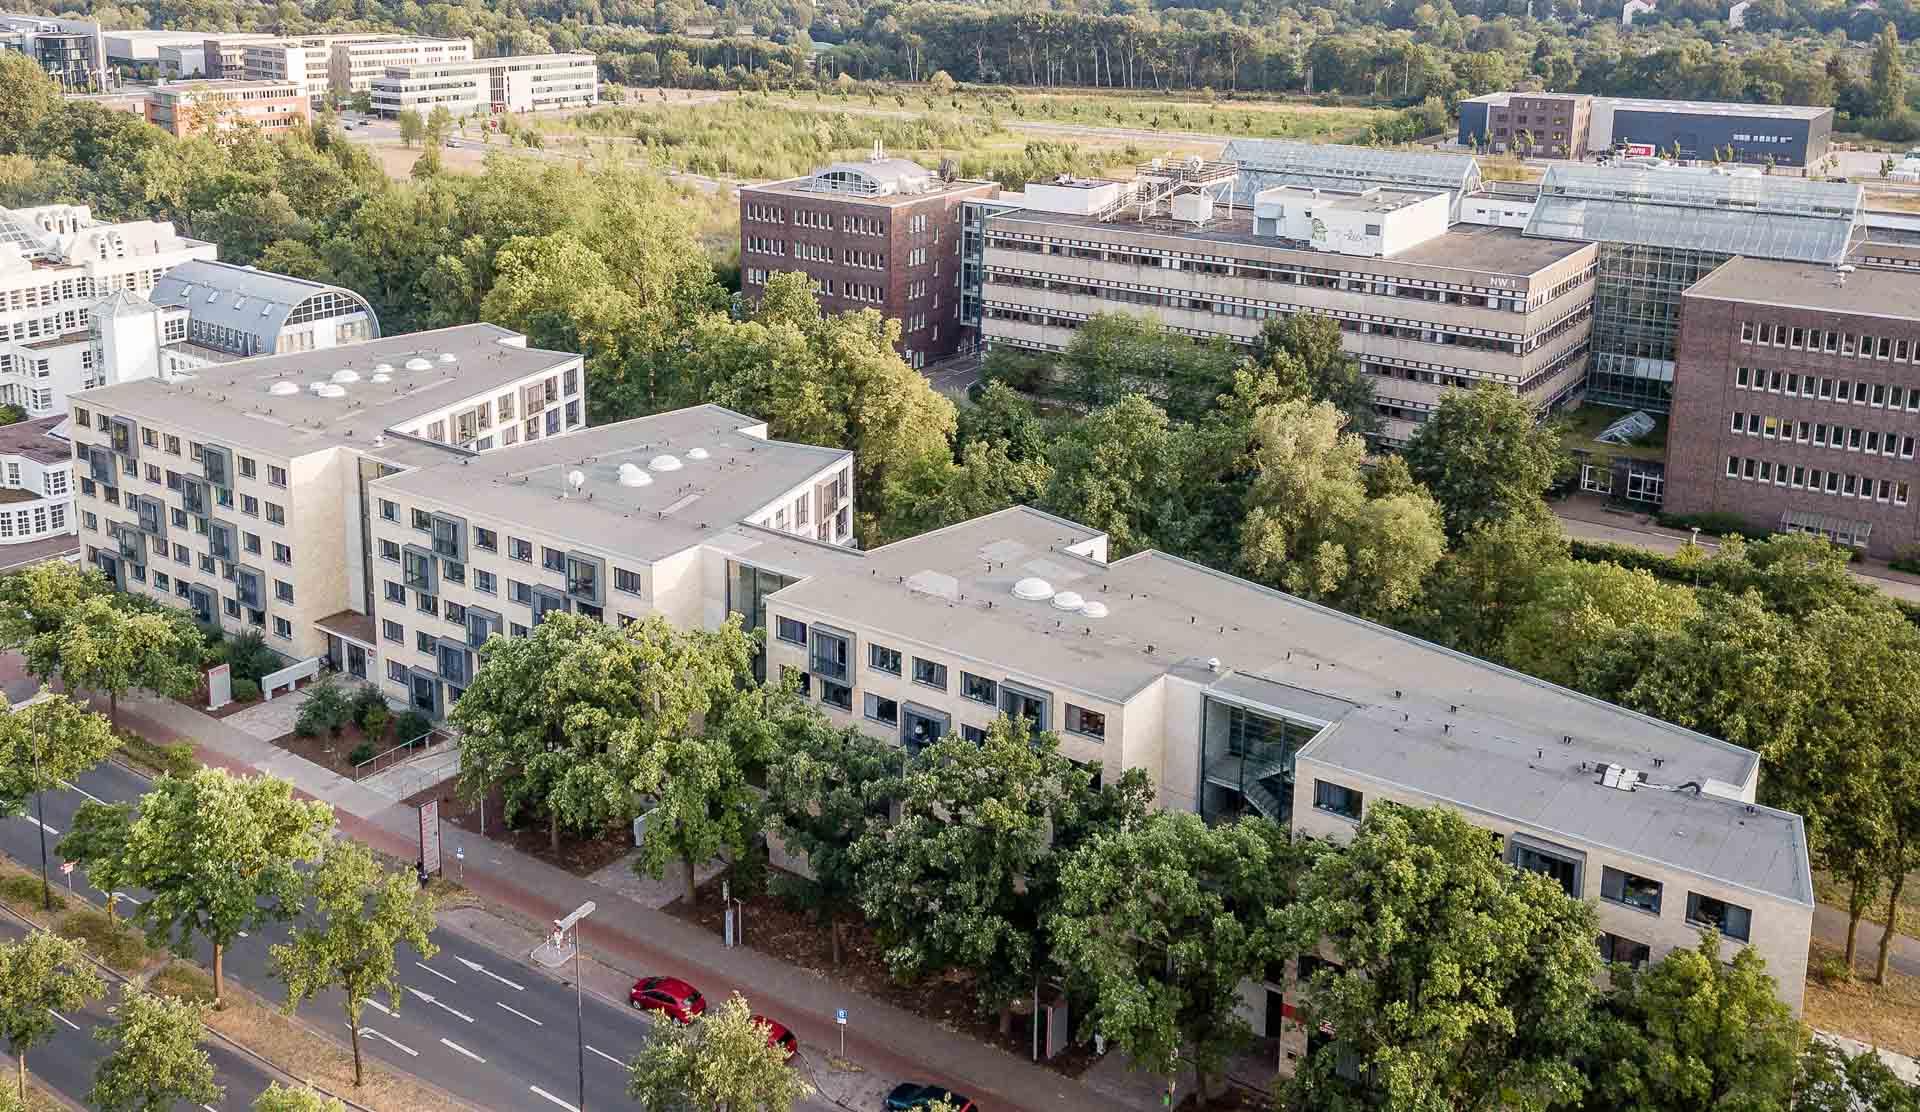 Luftaufnahme des THE FIZZ Bremen Gebäudes seitlich